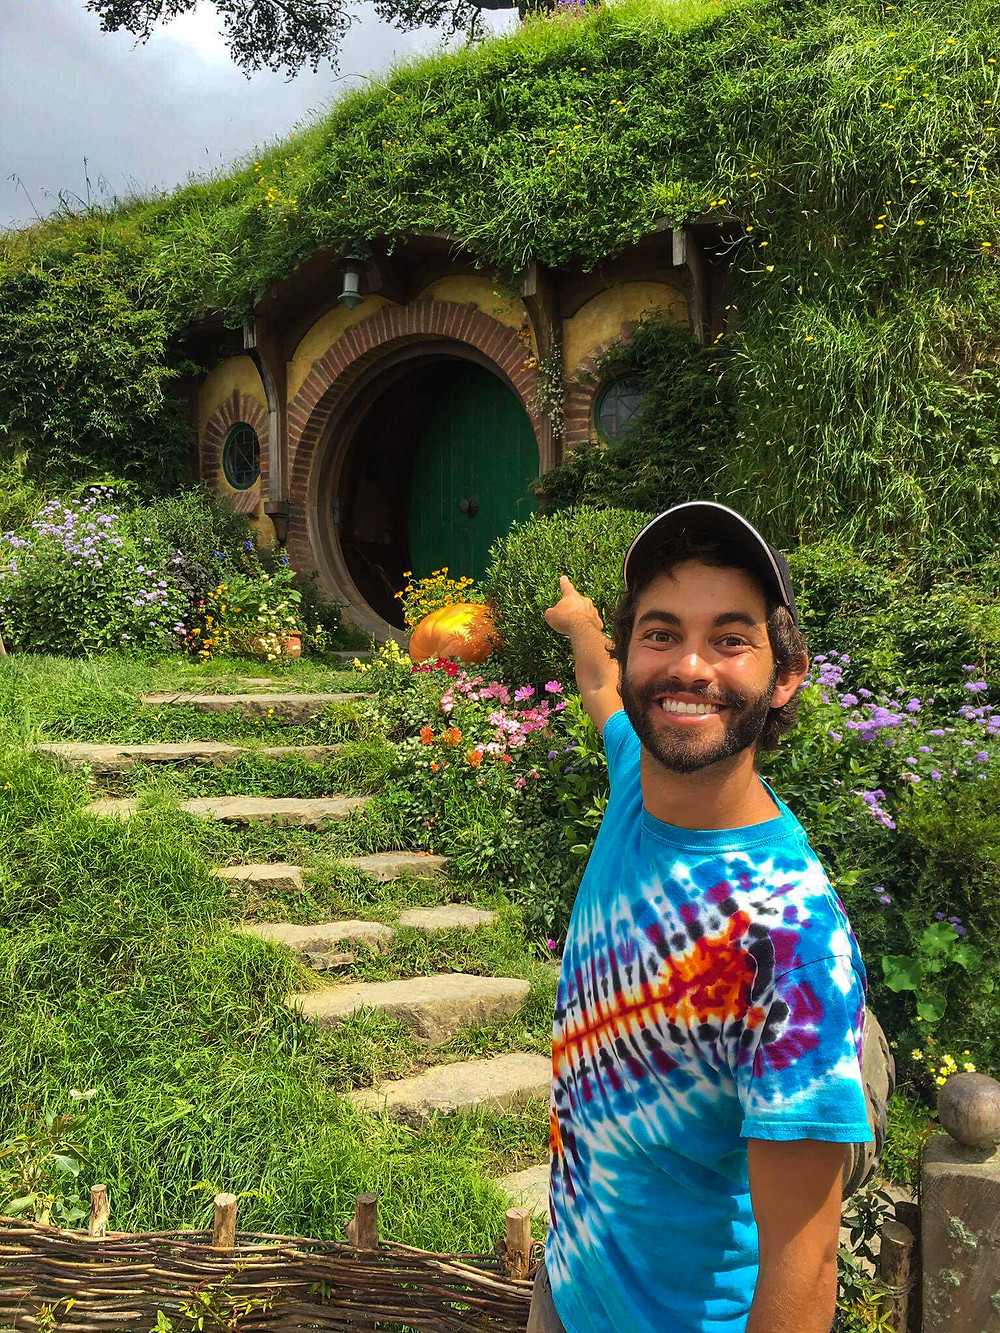 Hobbiton hobbit hole new zealand